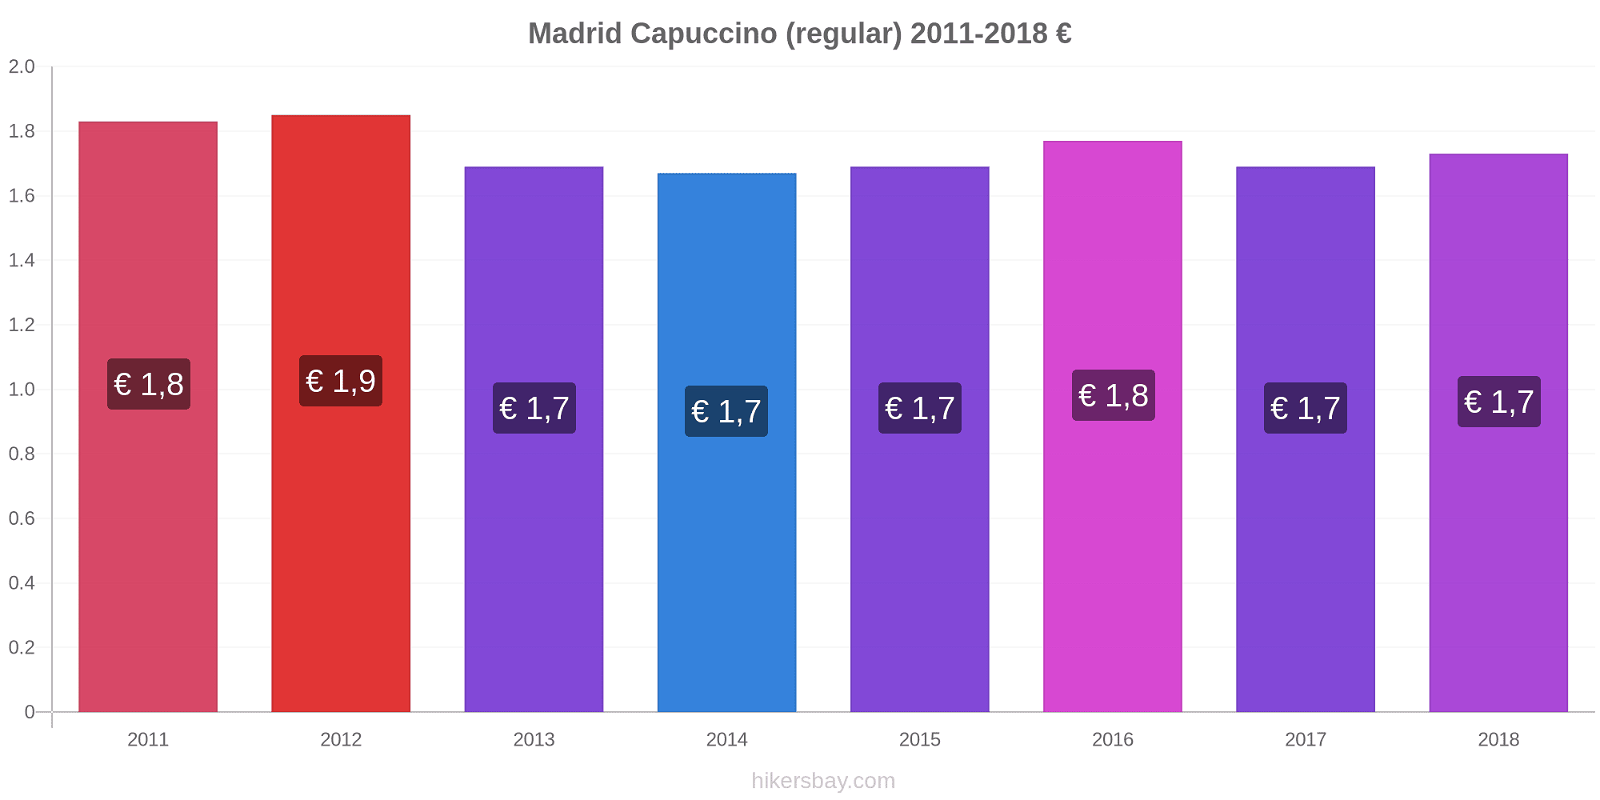 Madrid variação de preço Capuccino (regular) hikersbay.com